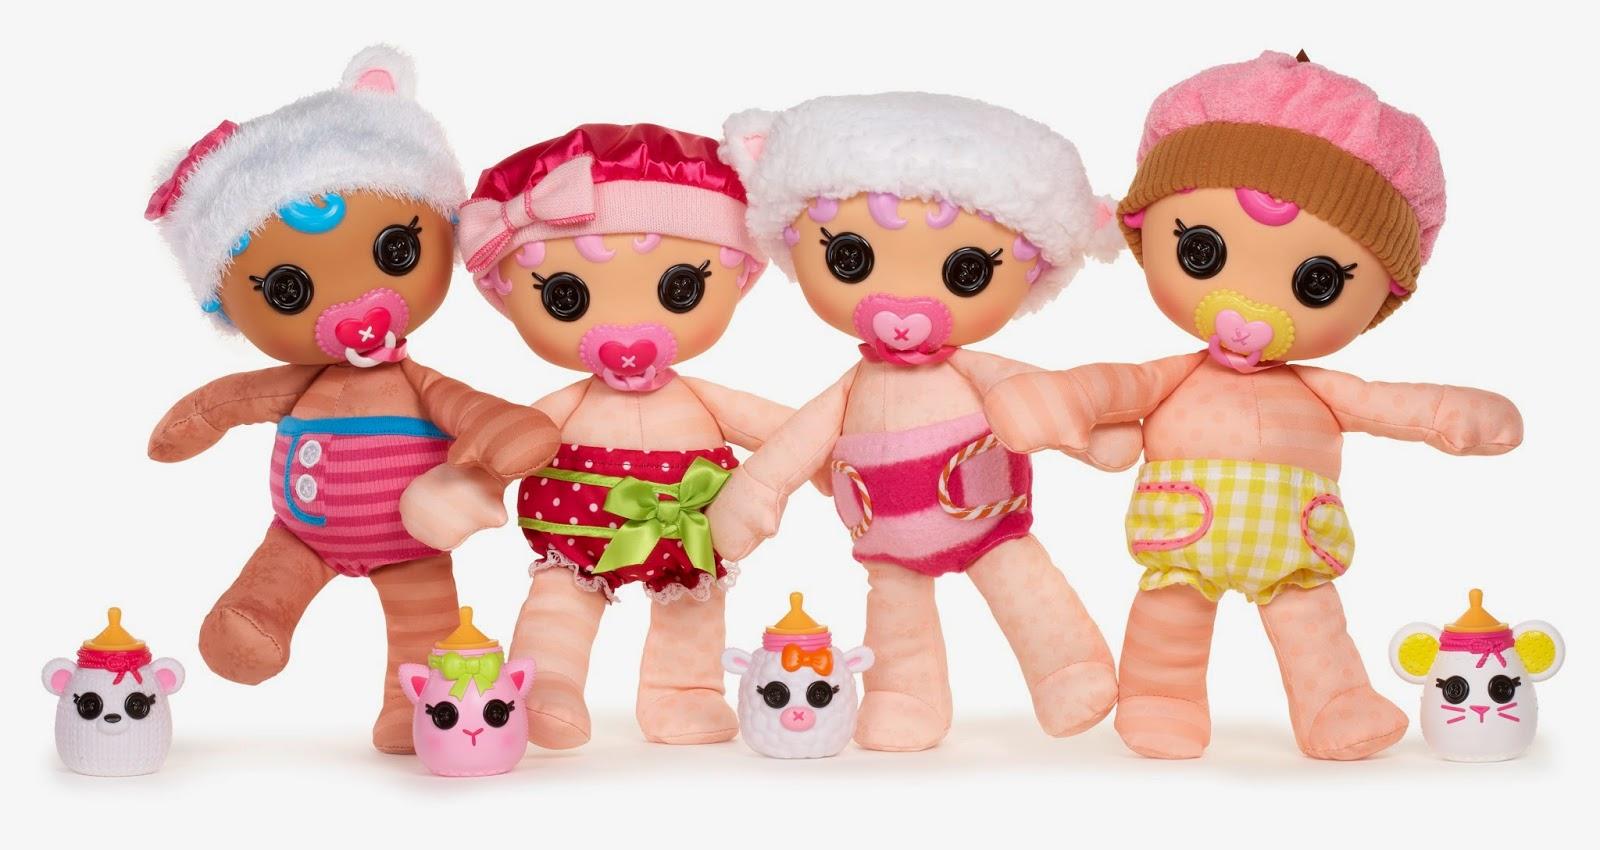 lalaloopsy babies, baby dolls, lalaloopsy doll